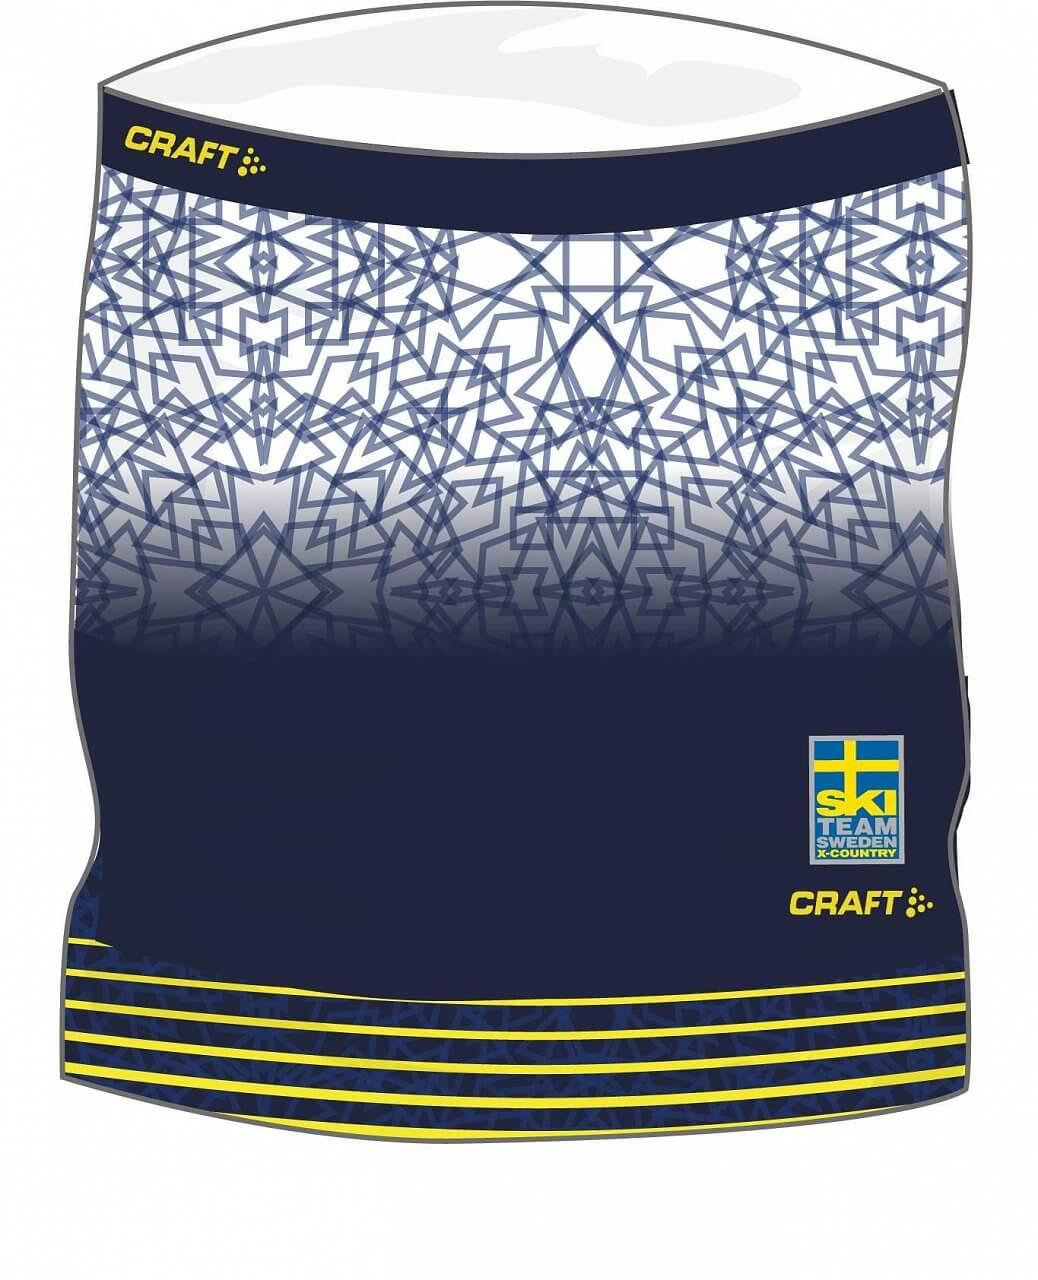 Doplňky Craft Nákrčník Ski Team tmavě modrá